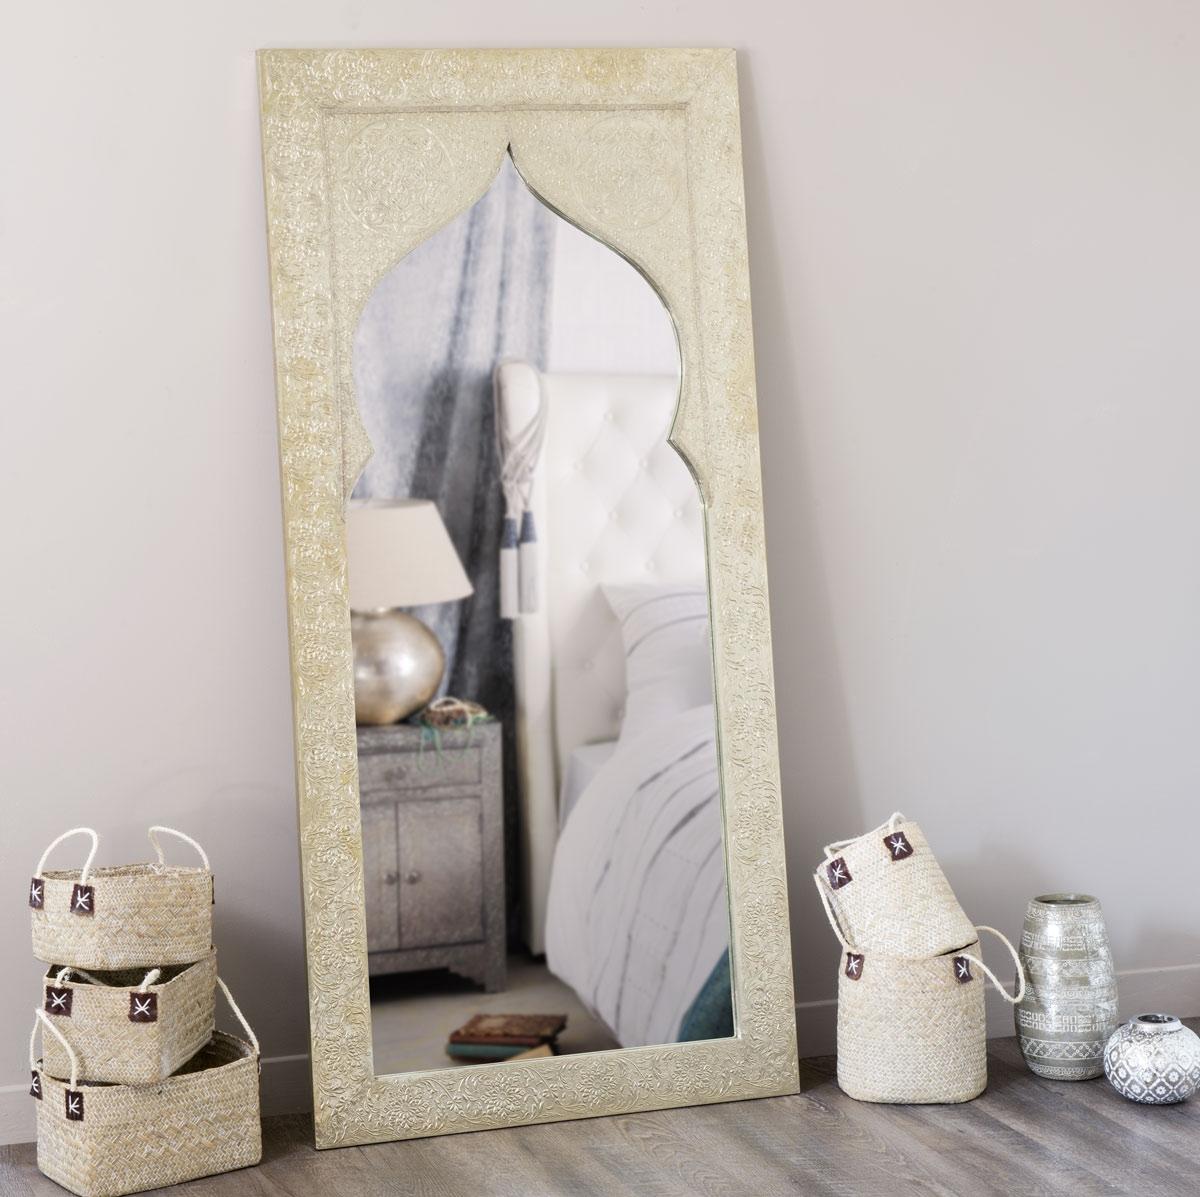 Miroir latipur maisons du monde pickture for Miroir maison du monde